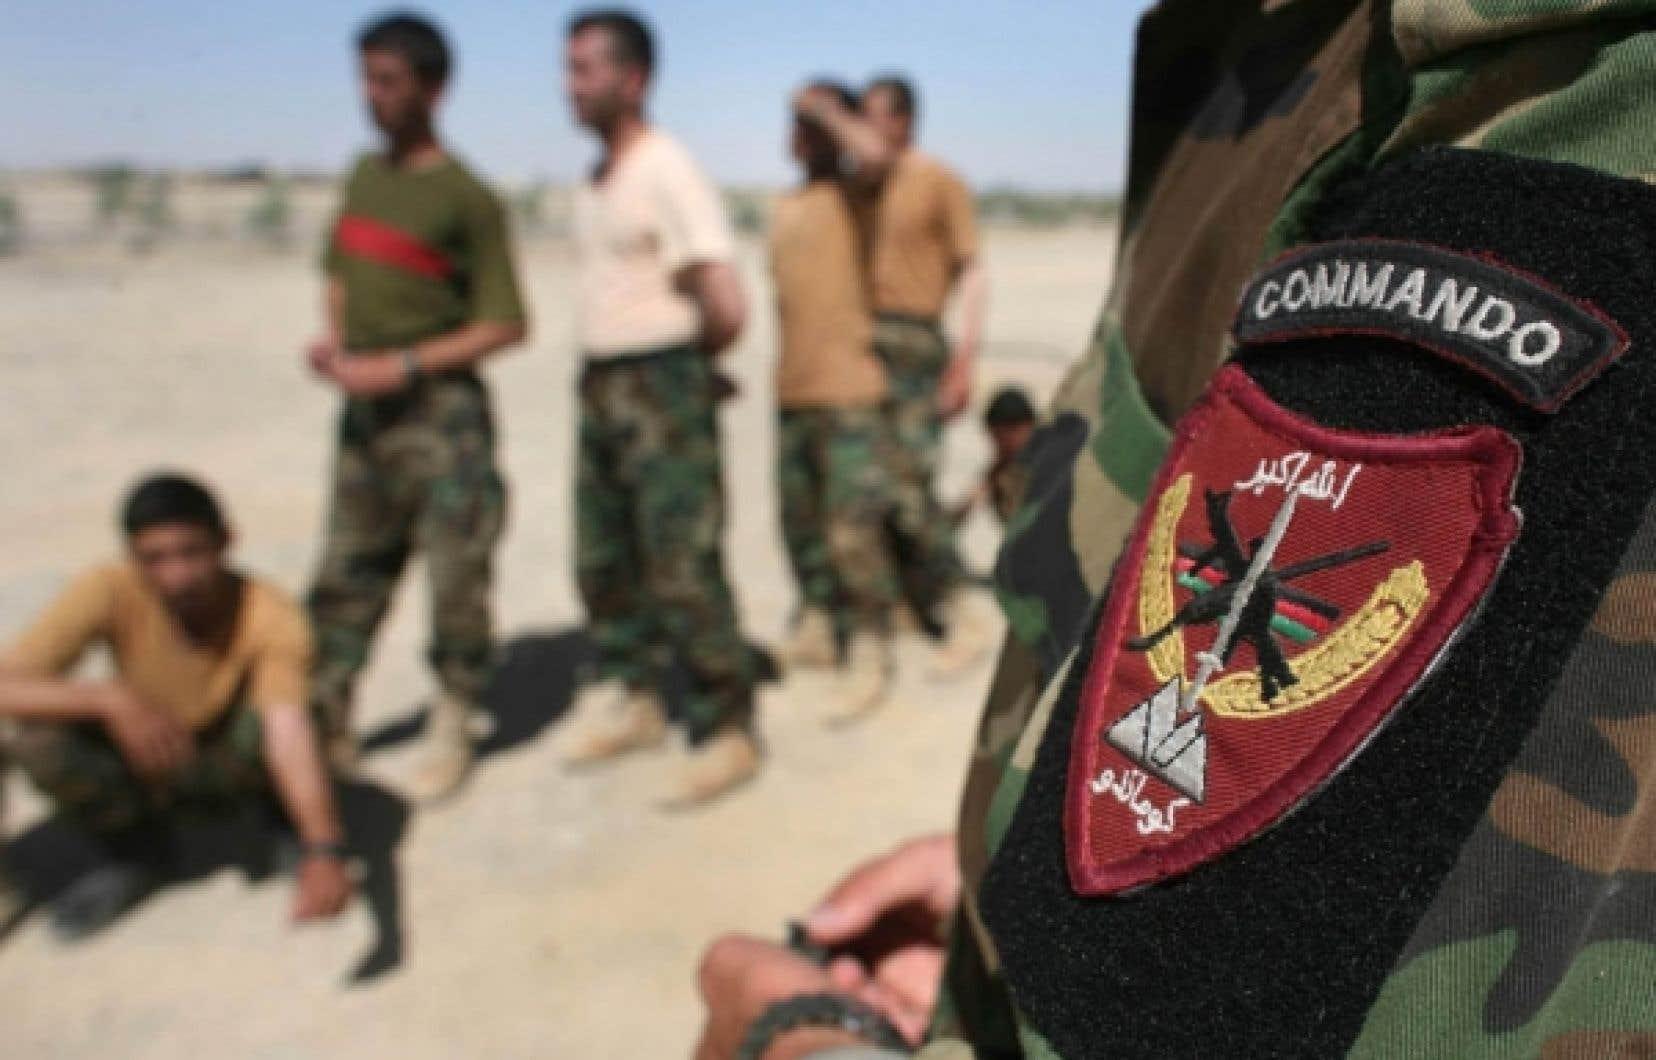 Quelque 200 militaires canadiens aident aujourd'hui à la formation de l'armée afghane. La rumeur veut qu'Ottawa laisse 400 soldats après le retrait canadien en 2011 pour poursuivre la formation.<br />